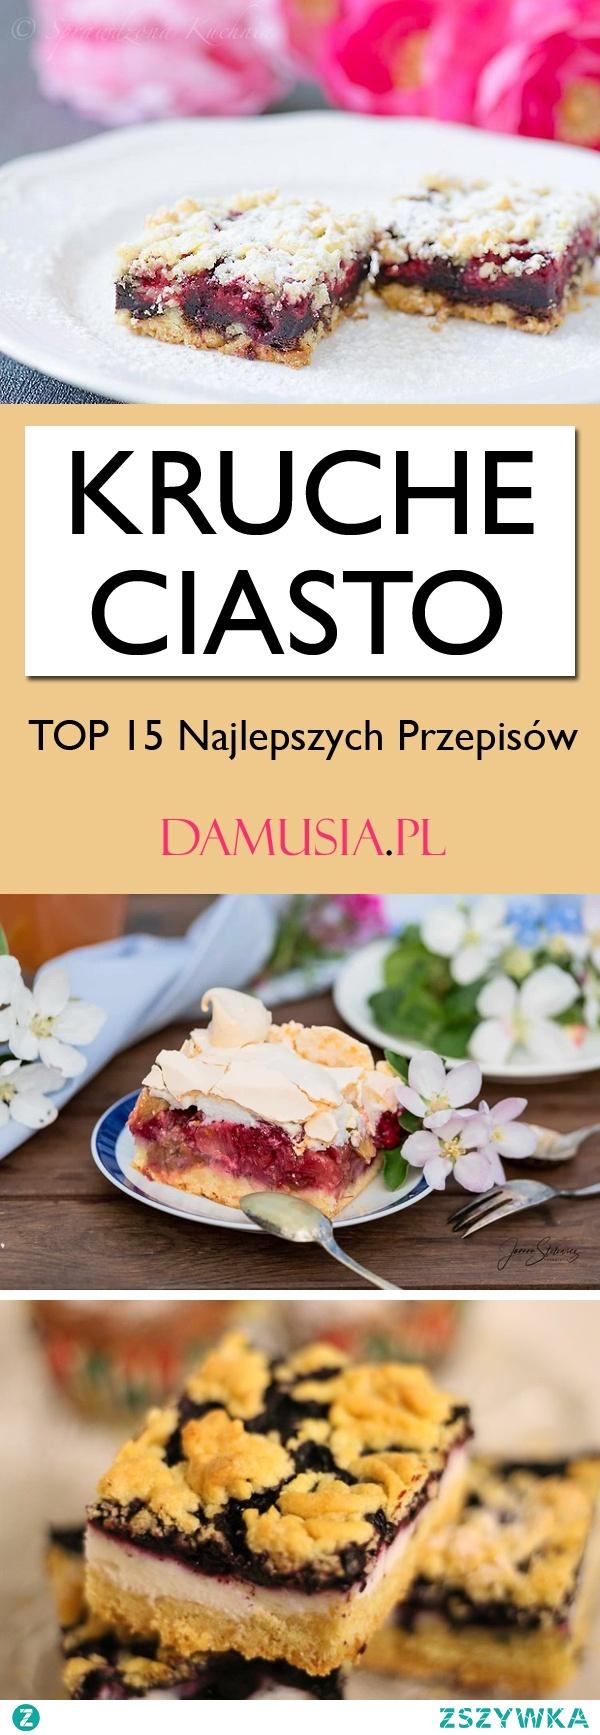 TOP 15 Najlepszych Przepisów na Kruche Ciasto